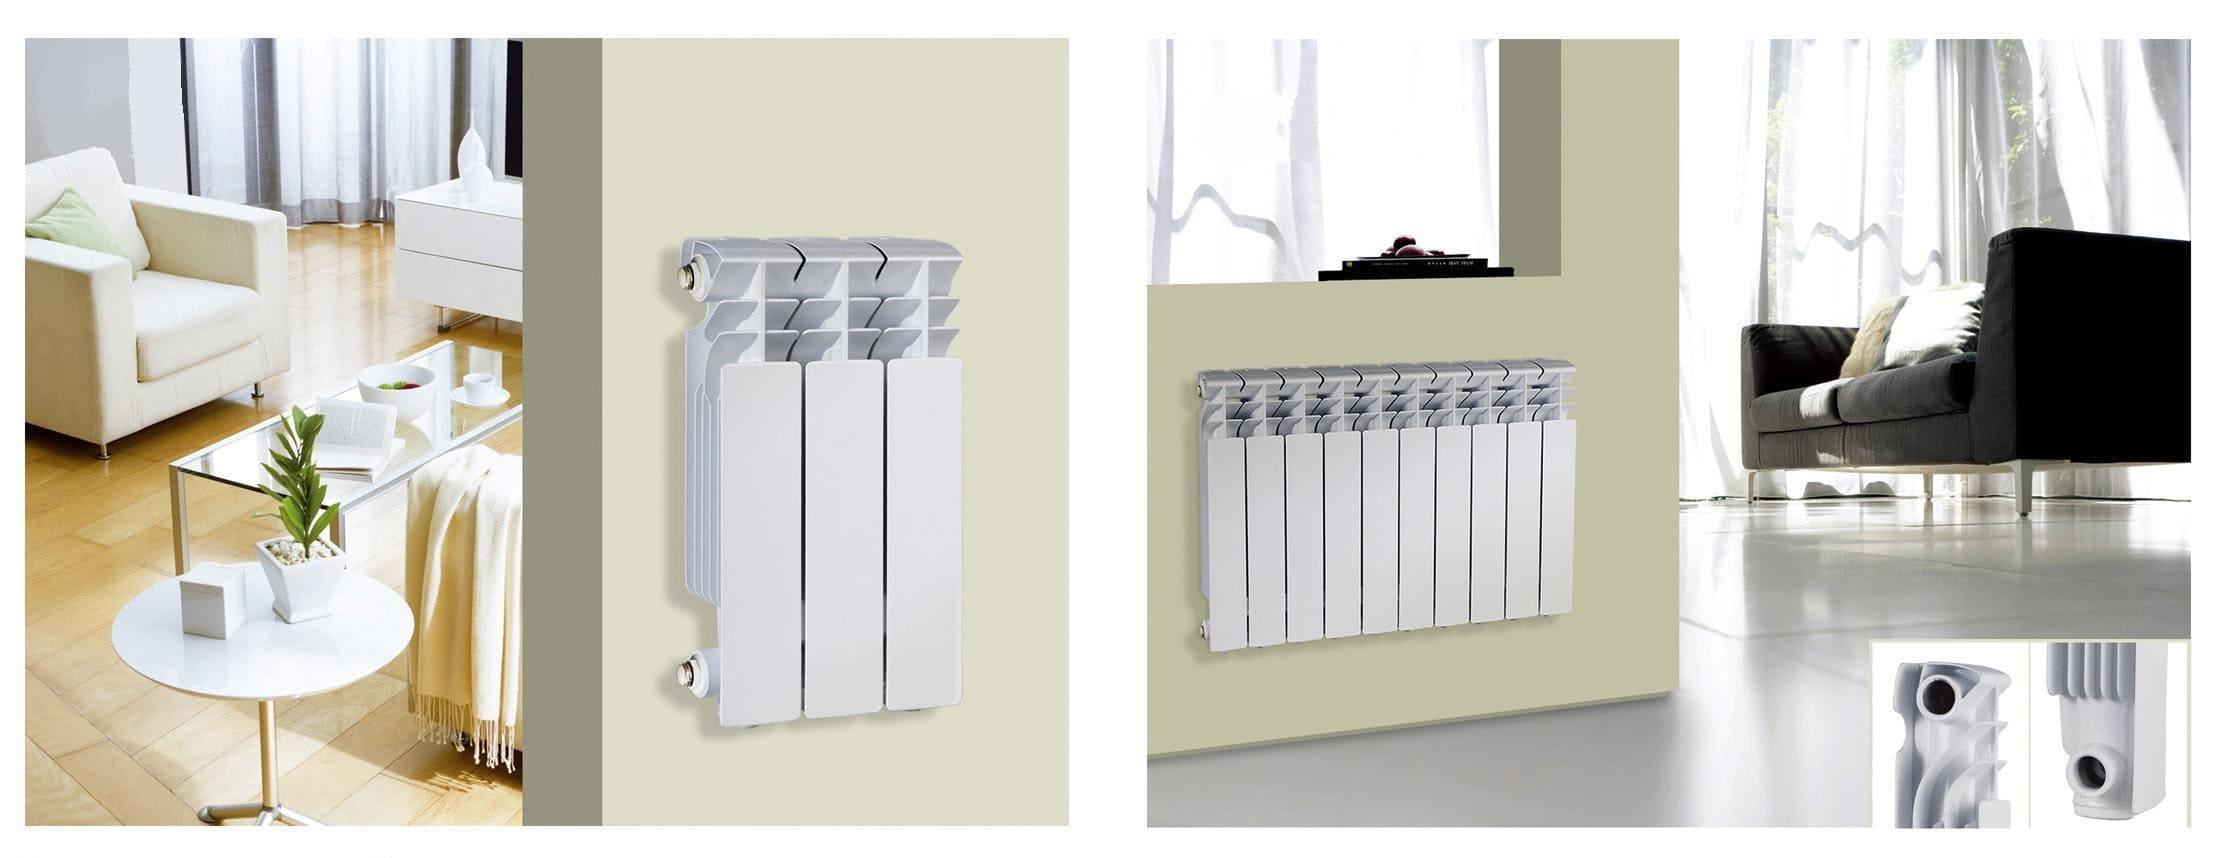 Вертикальные радиаторы отопления: особенности конструкции и монтажа, фото с вариантами дизайна